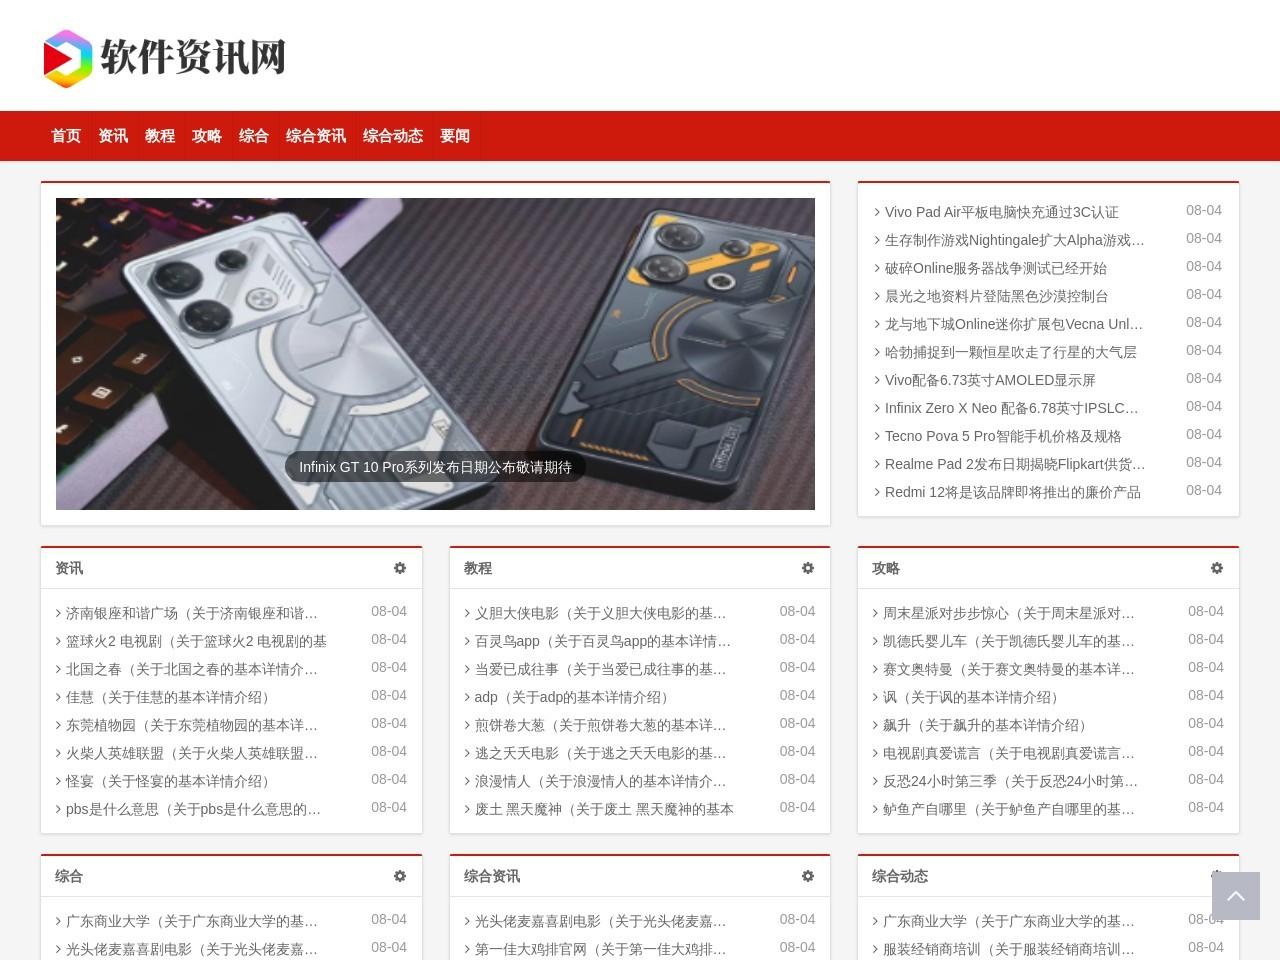 软件资讯网